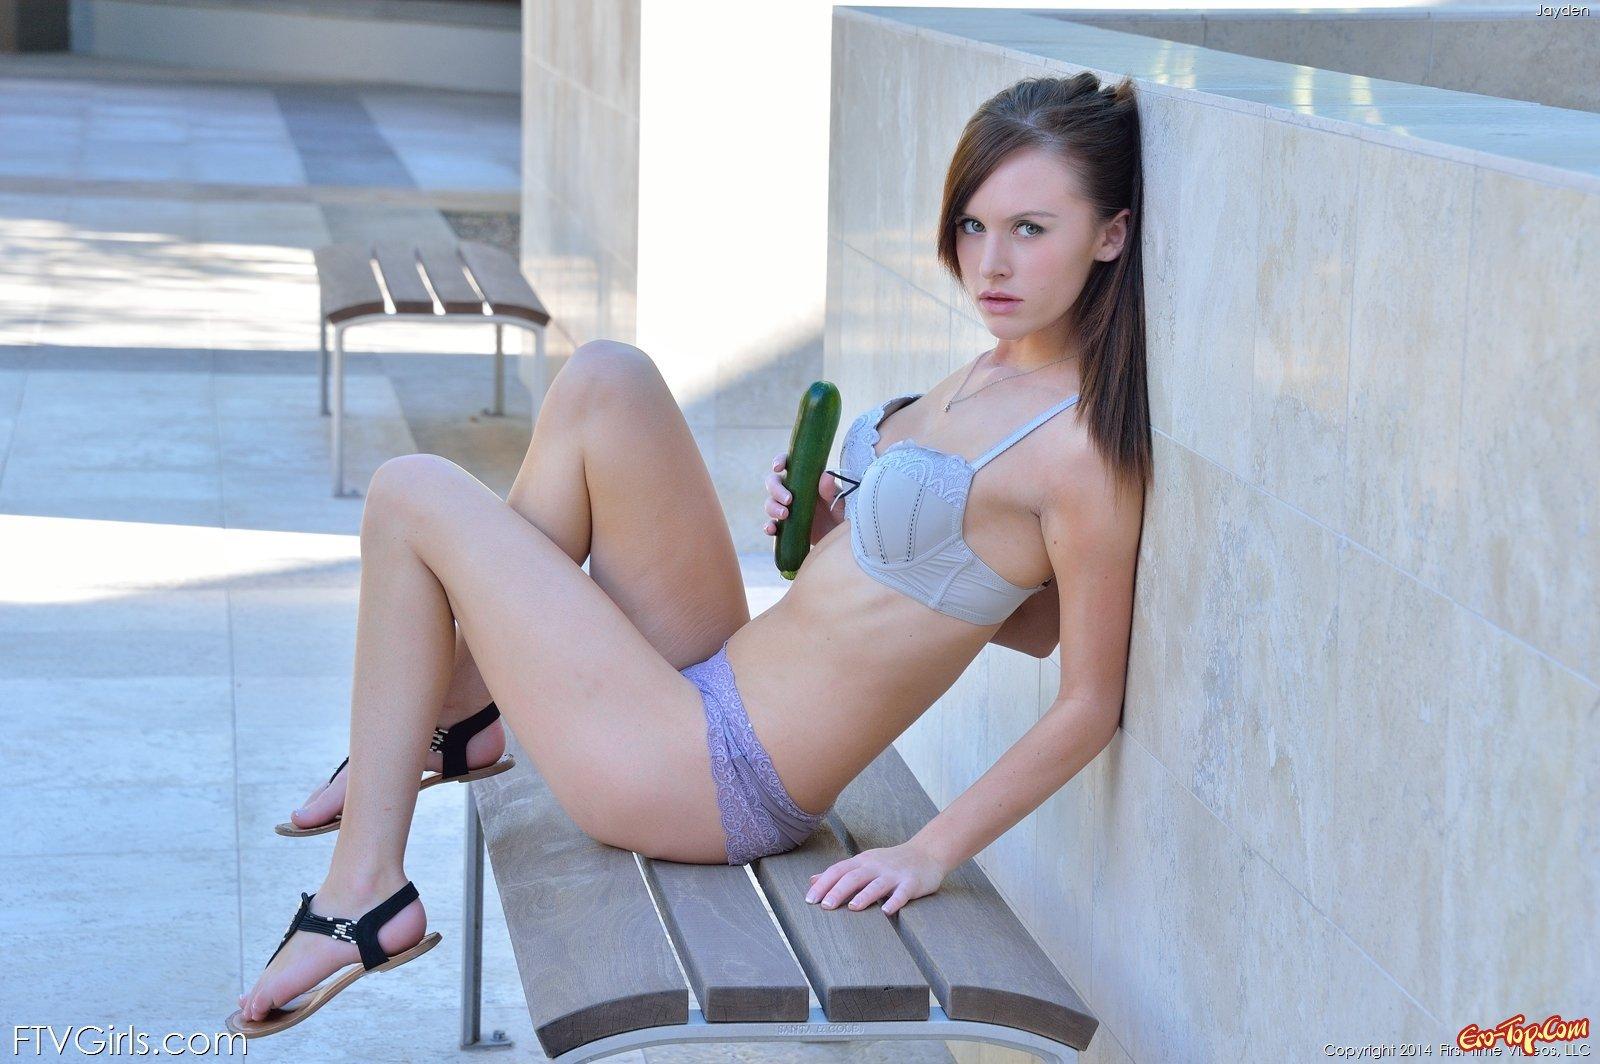 Веб девушка модель мастурбирует алиса полякова